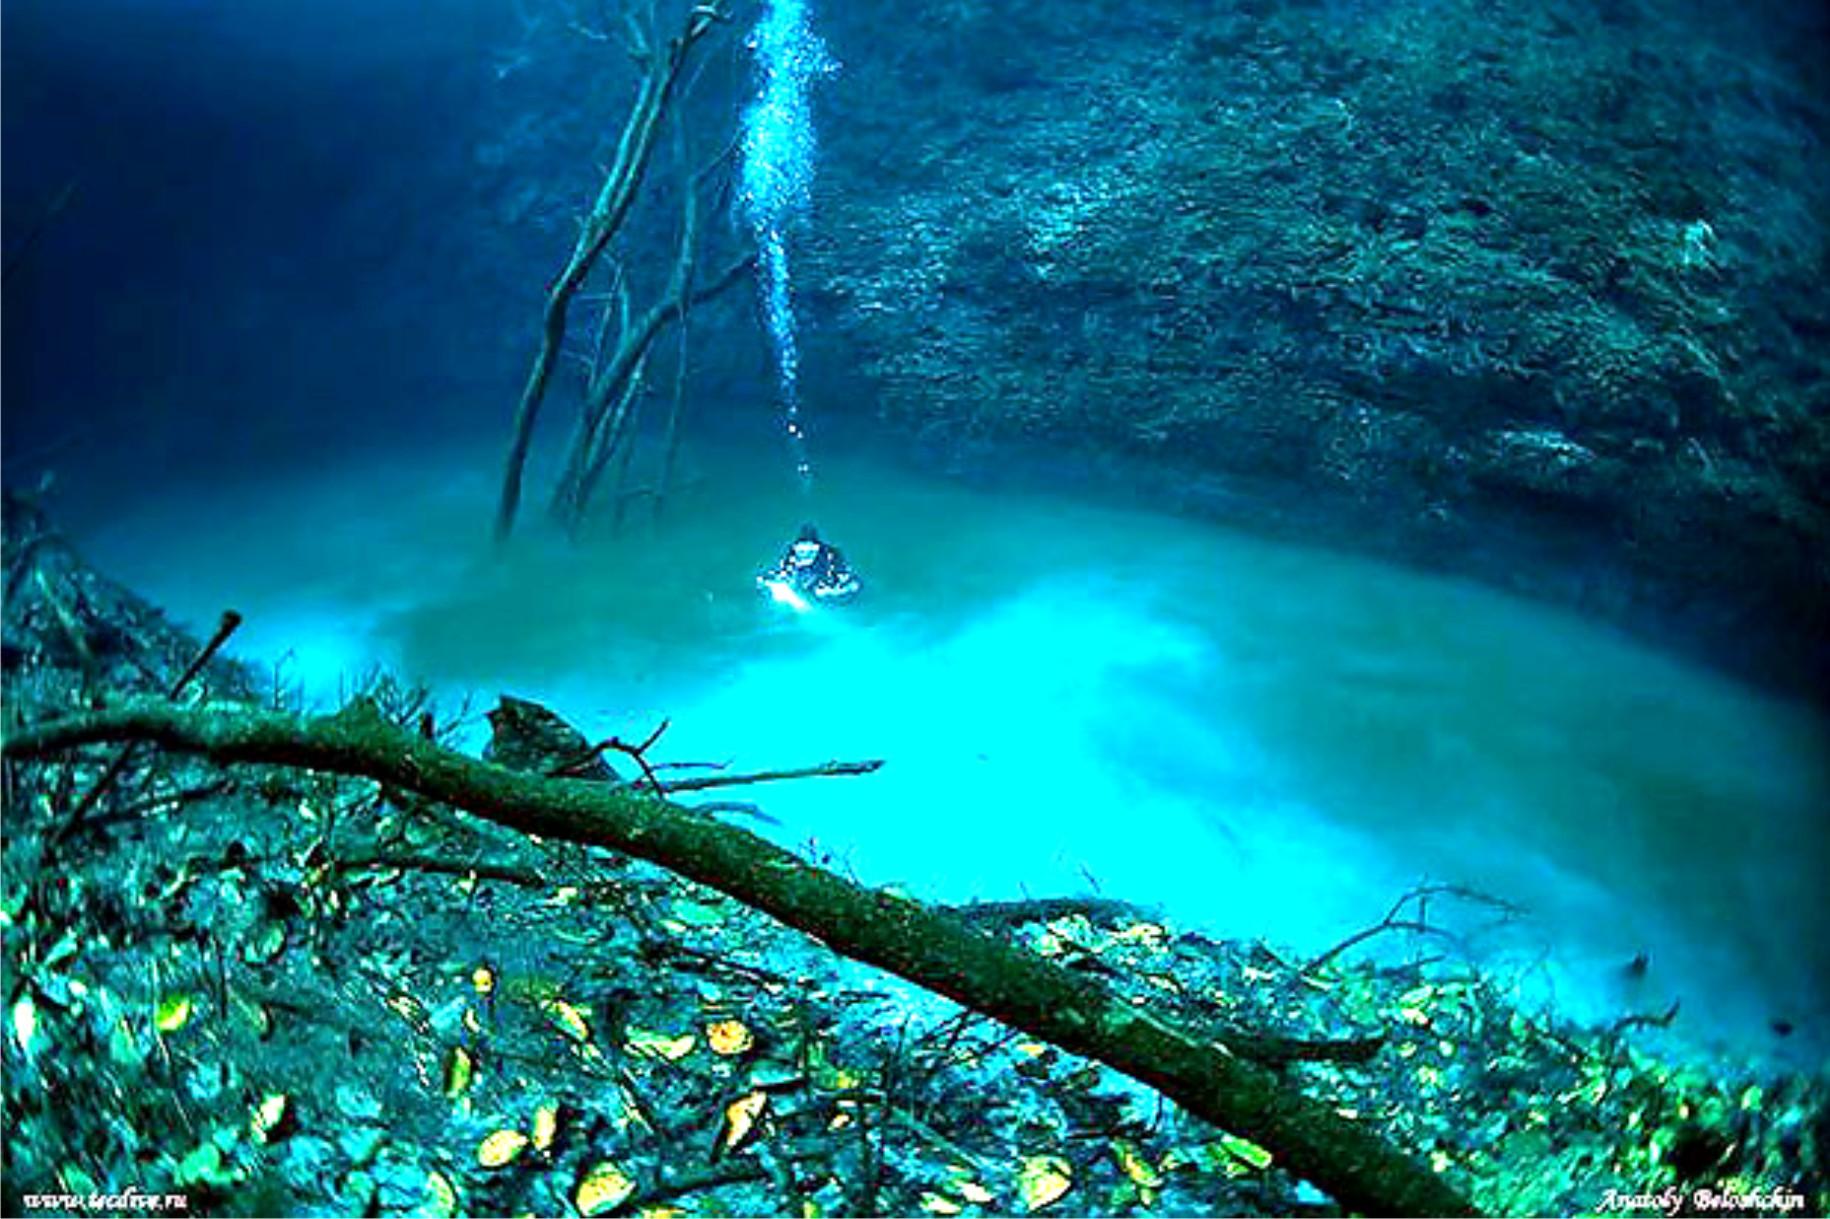 Sungai Bawah Laut Bukti Kebenaran Al-Qur'an | Yayasan Baitul Maqdis